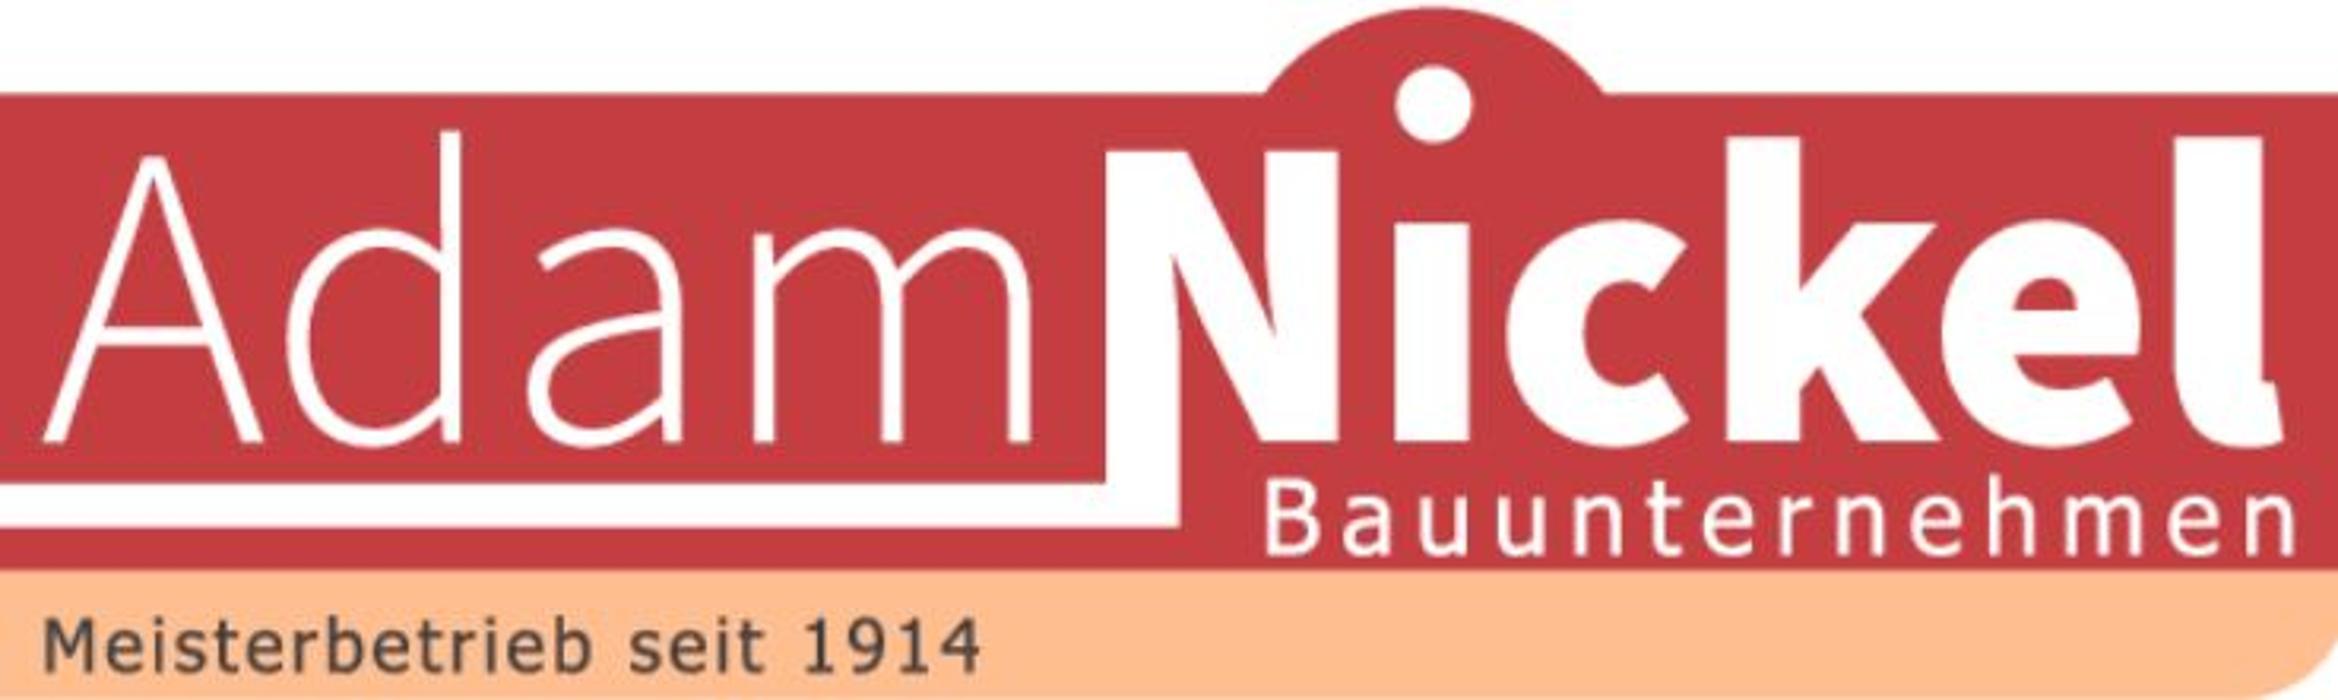 Bild zu Nickel Adam GmbH - Bauunternehmung in Dortmund